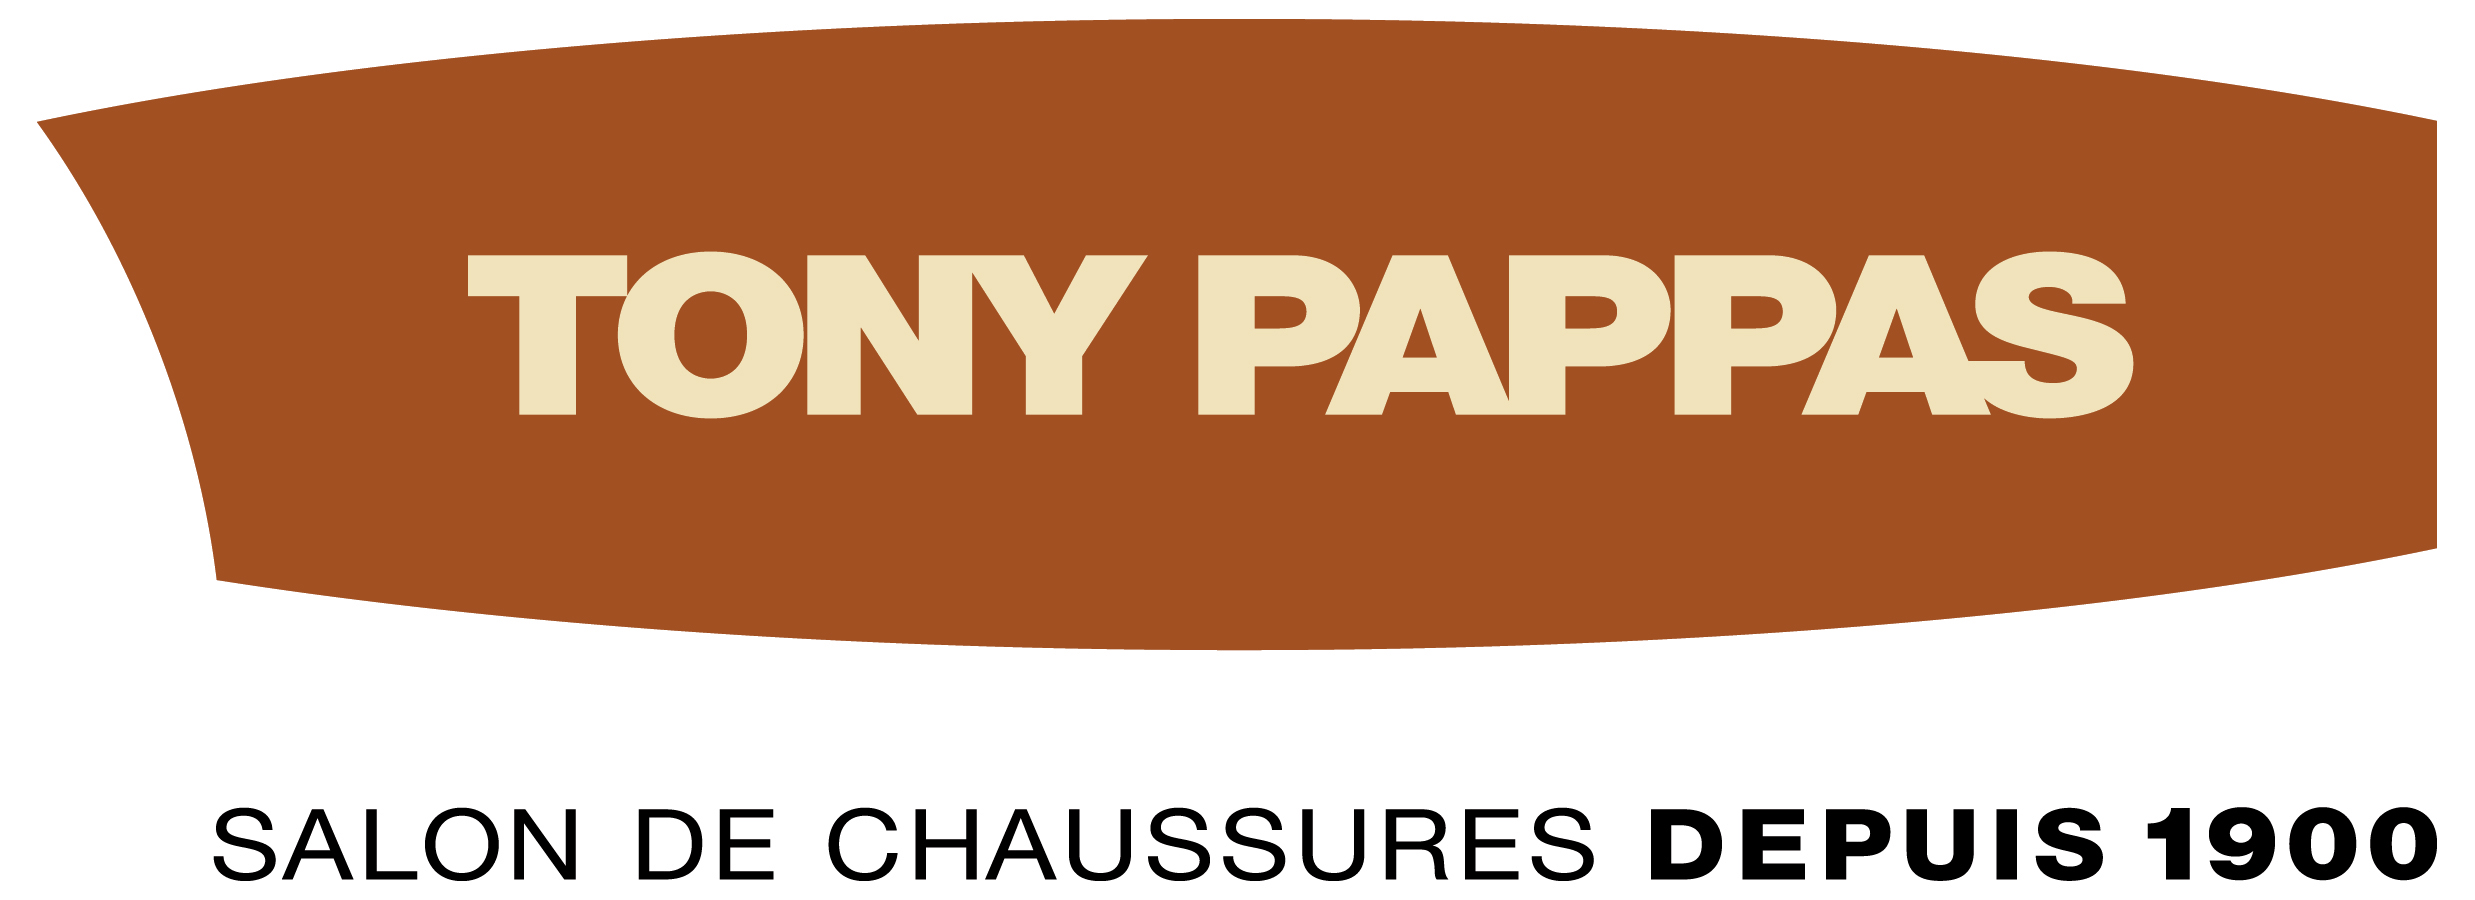 Tony Pappas - Footwear store